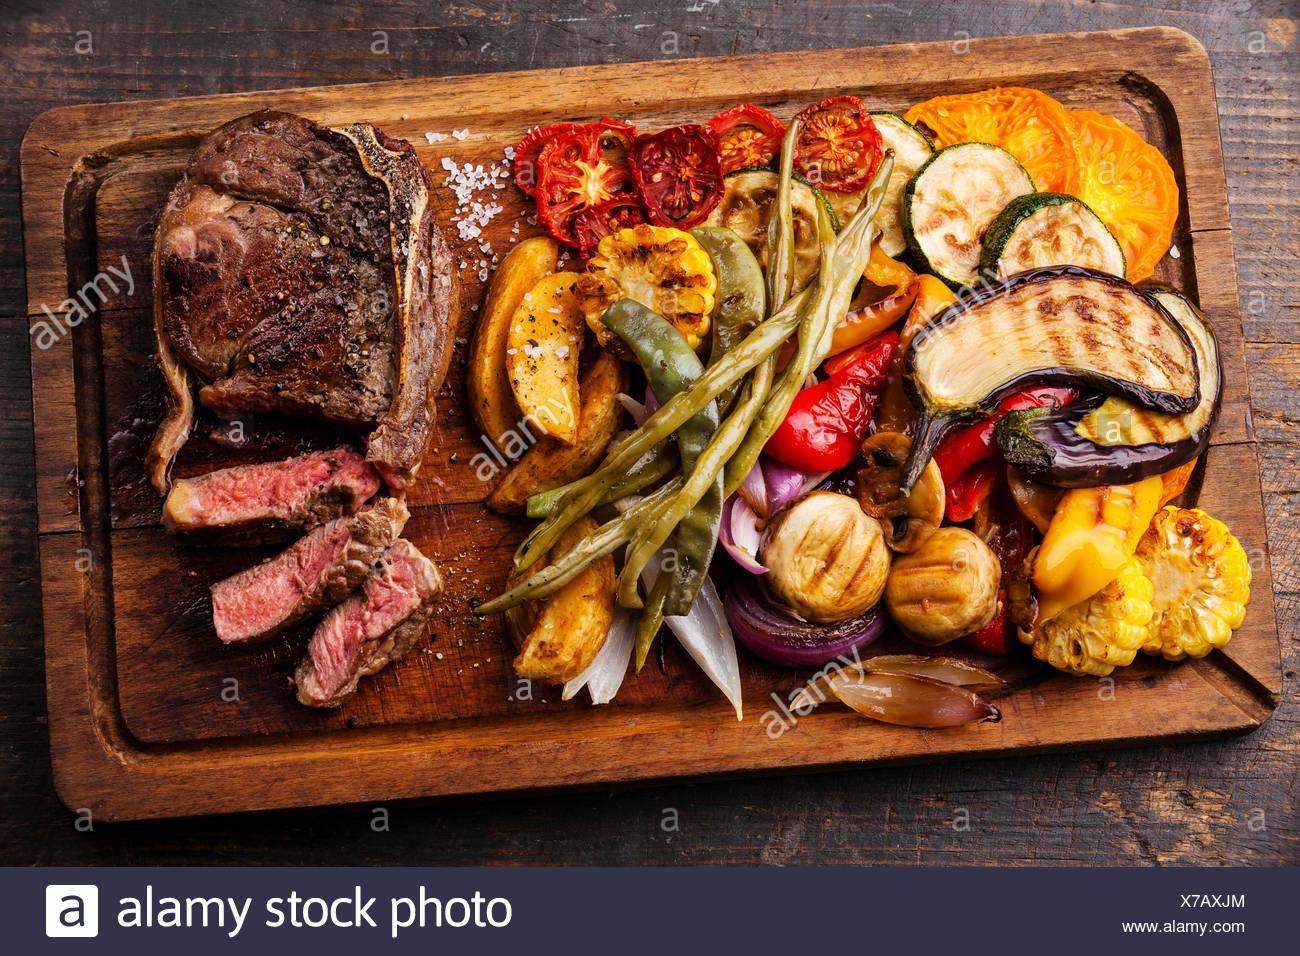 Club Pavé de boeuf avec sauce au poivre et légumes grillés sur une planche à découper sur fond de bois foncé Photo Stock